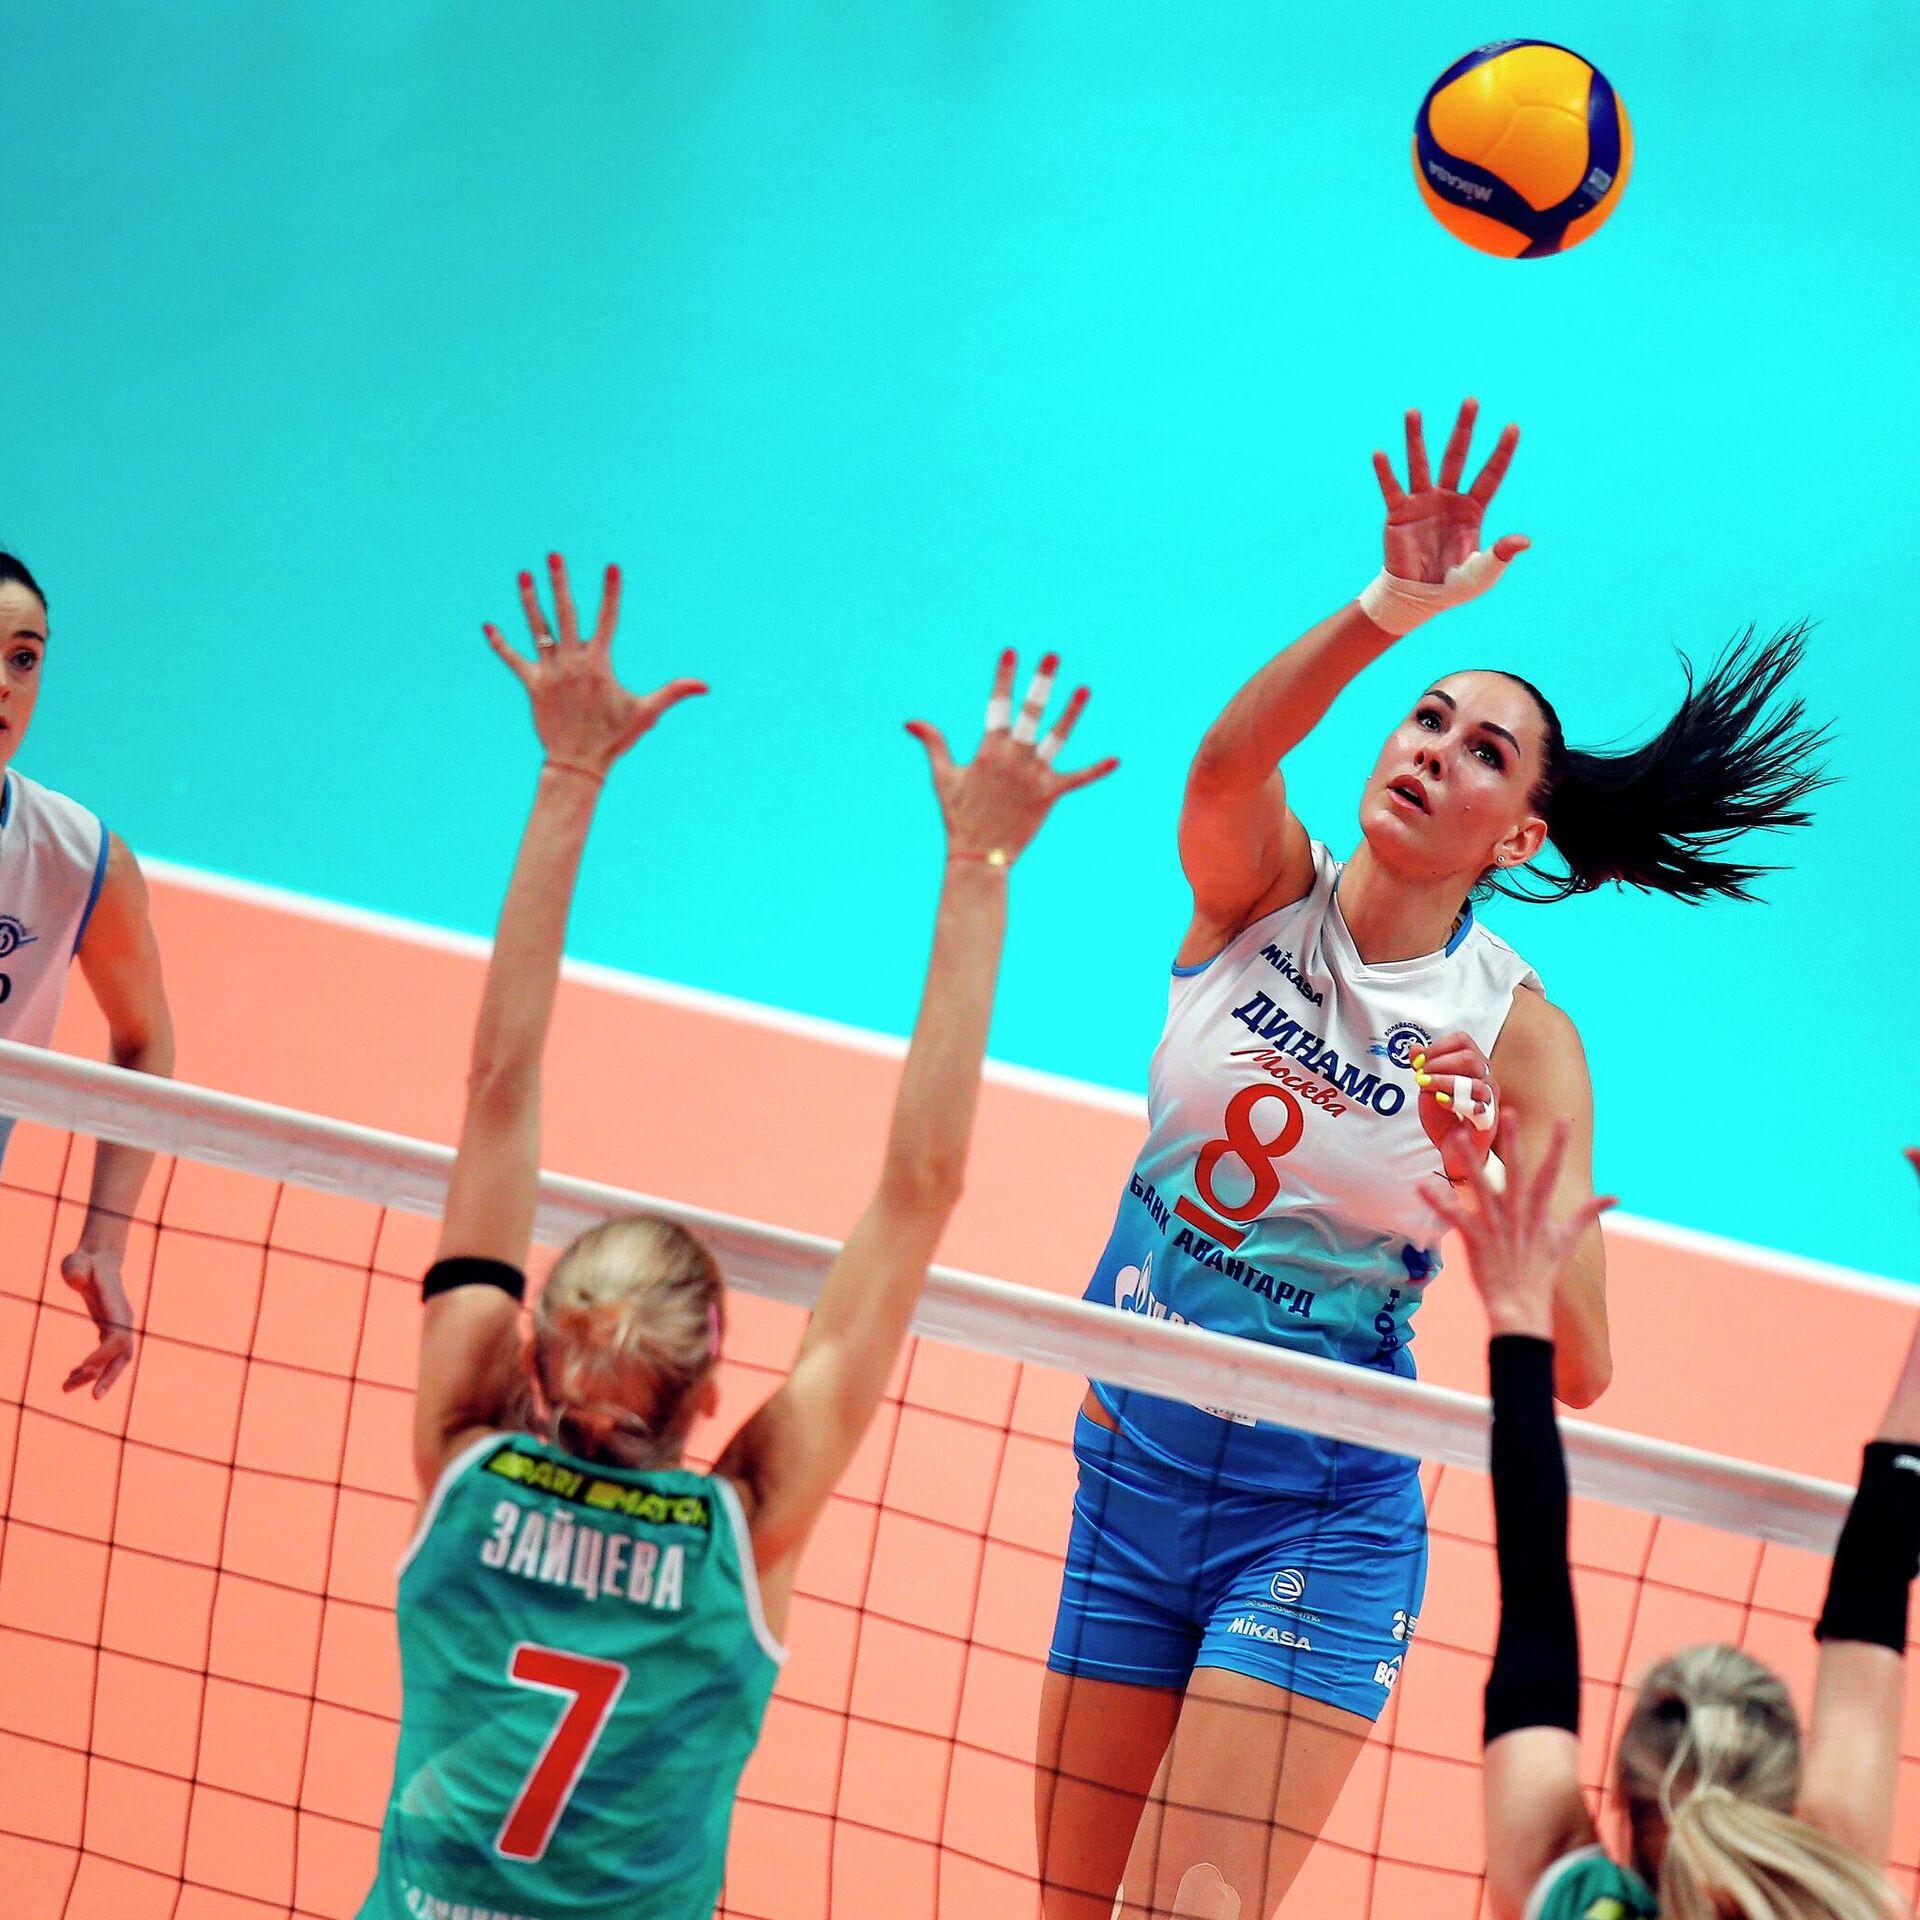 Локомотив москва волейбольный клуб женщины ночные клубы екатеринбурга паркинг